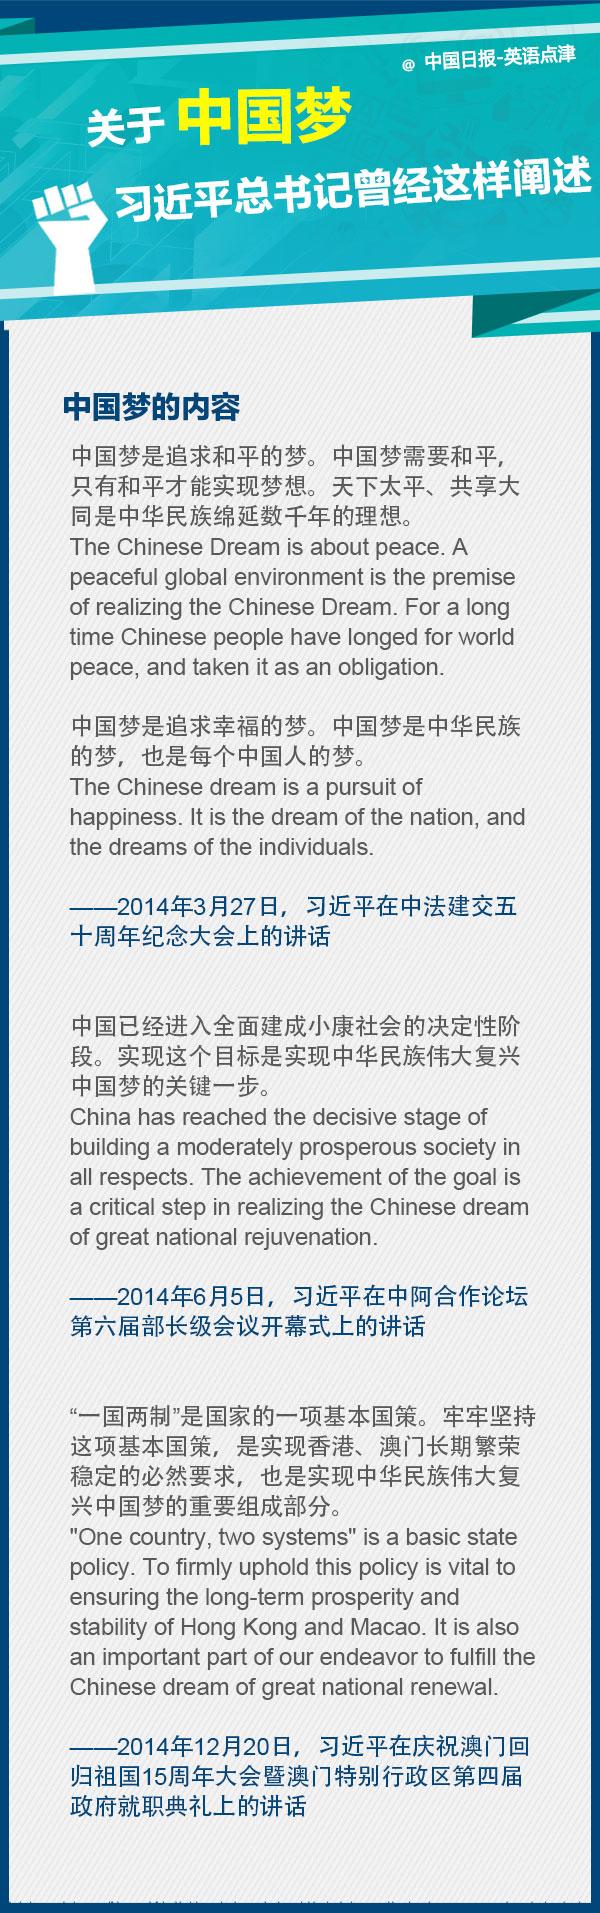 关于中国梦,习近平总书记曾经这样阐述